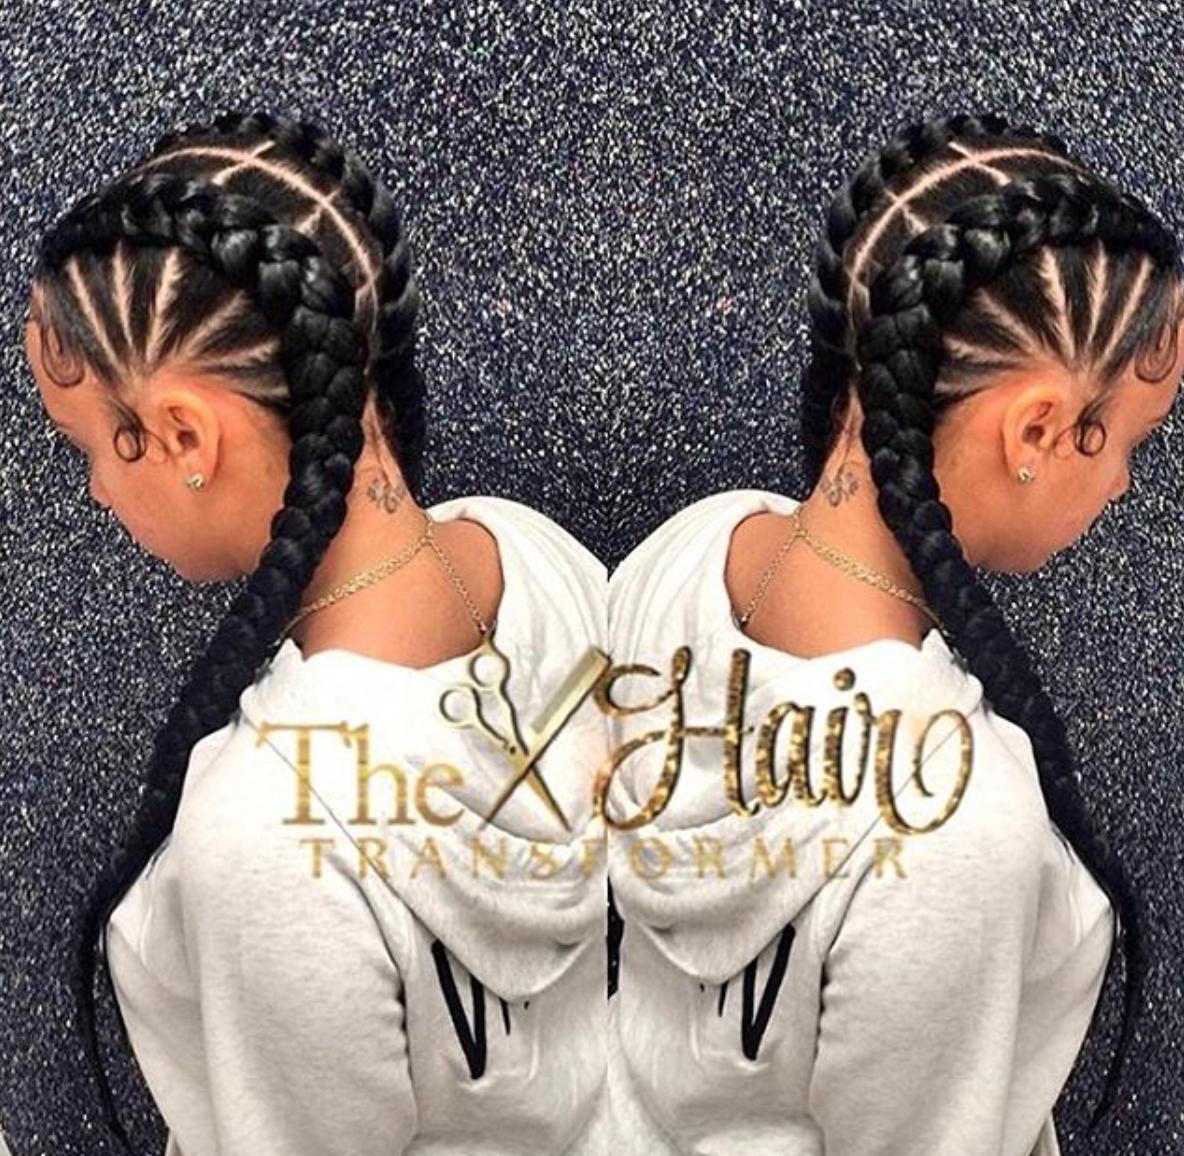 Cute Cornrows Via The Hairtransformer Via Blackhairinfo Cornrow Hairstyles Cute Cornrows Natural Hair Styles